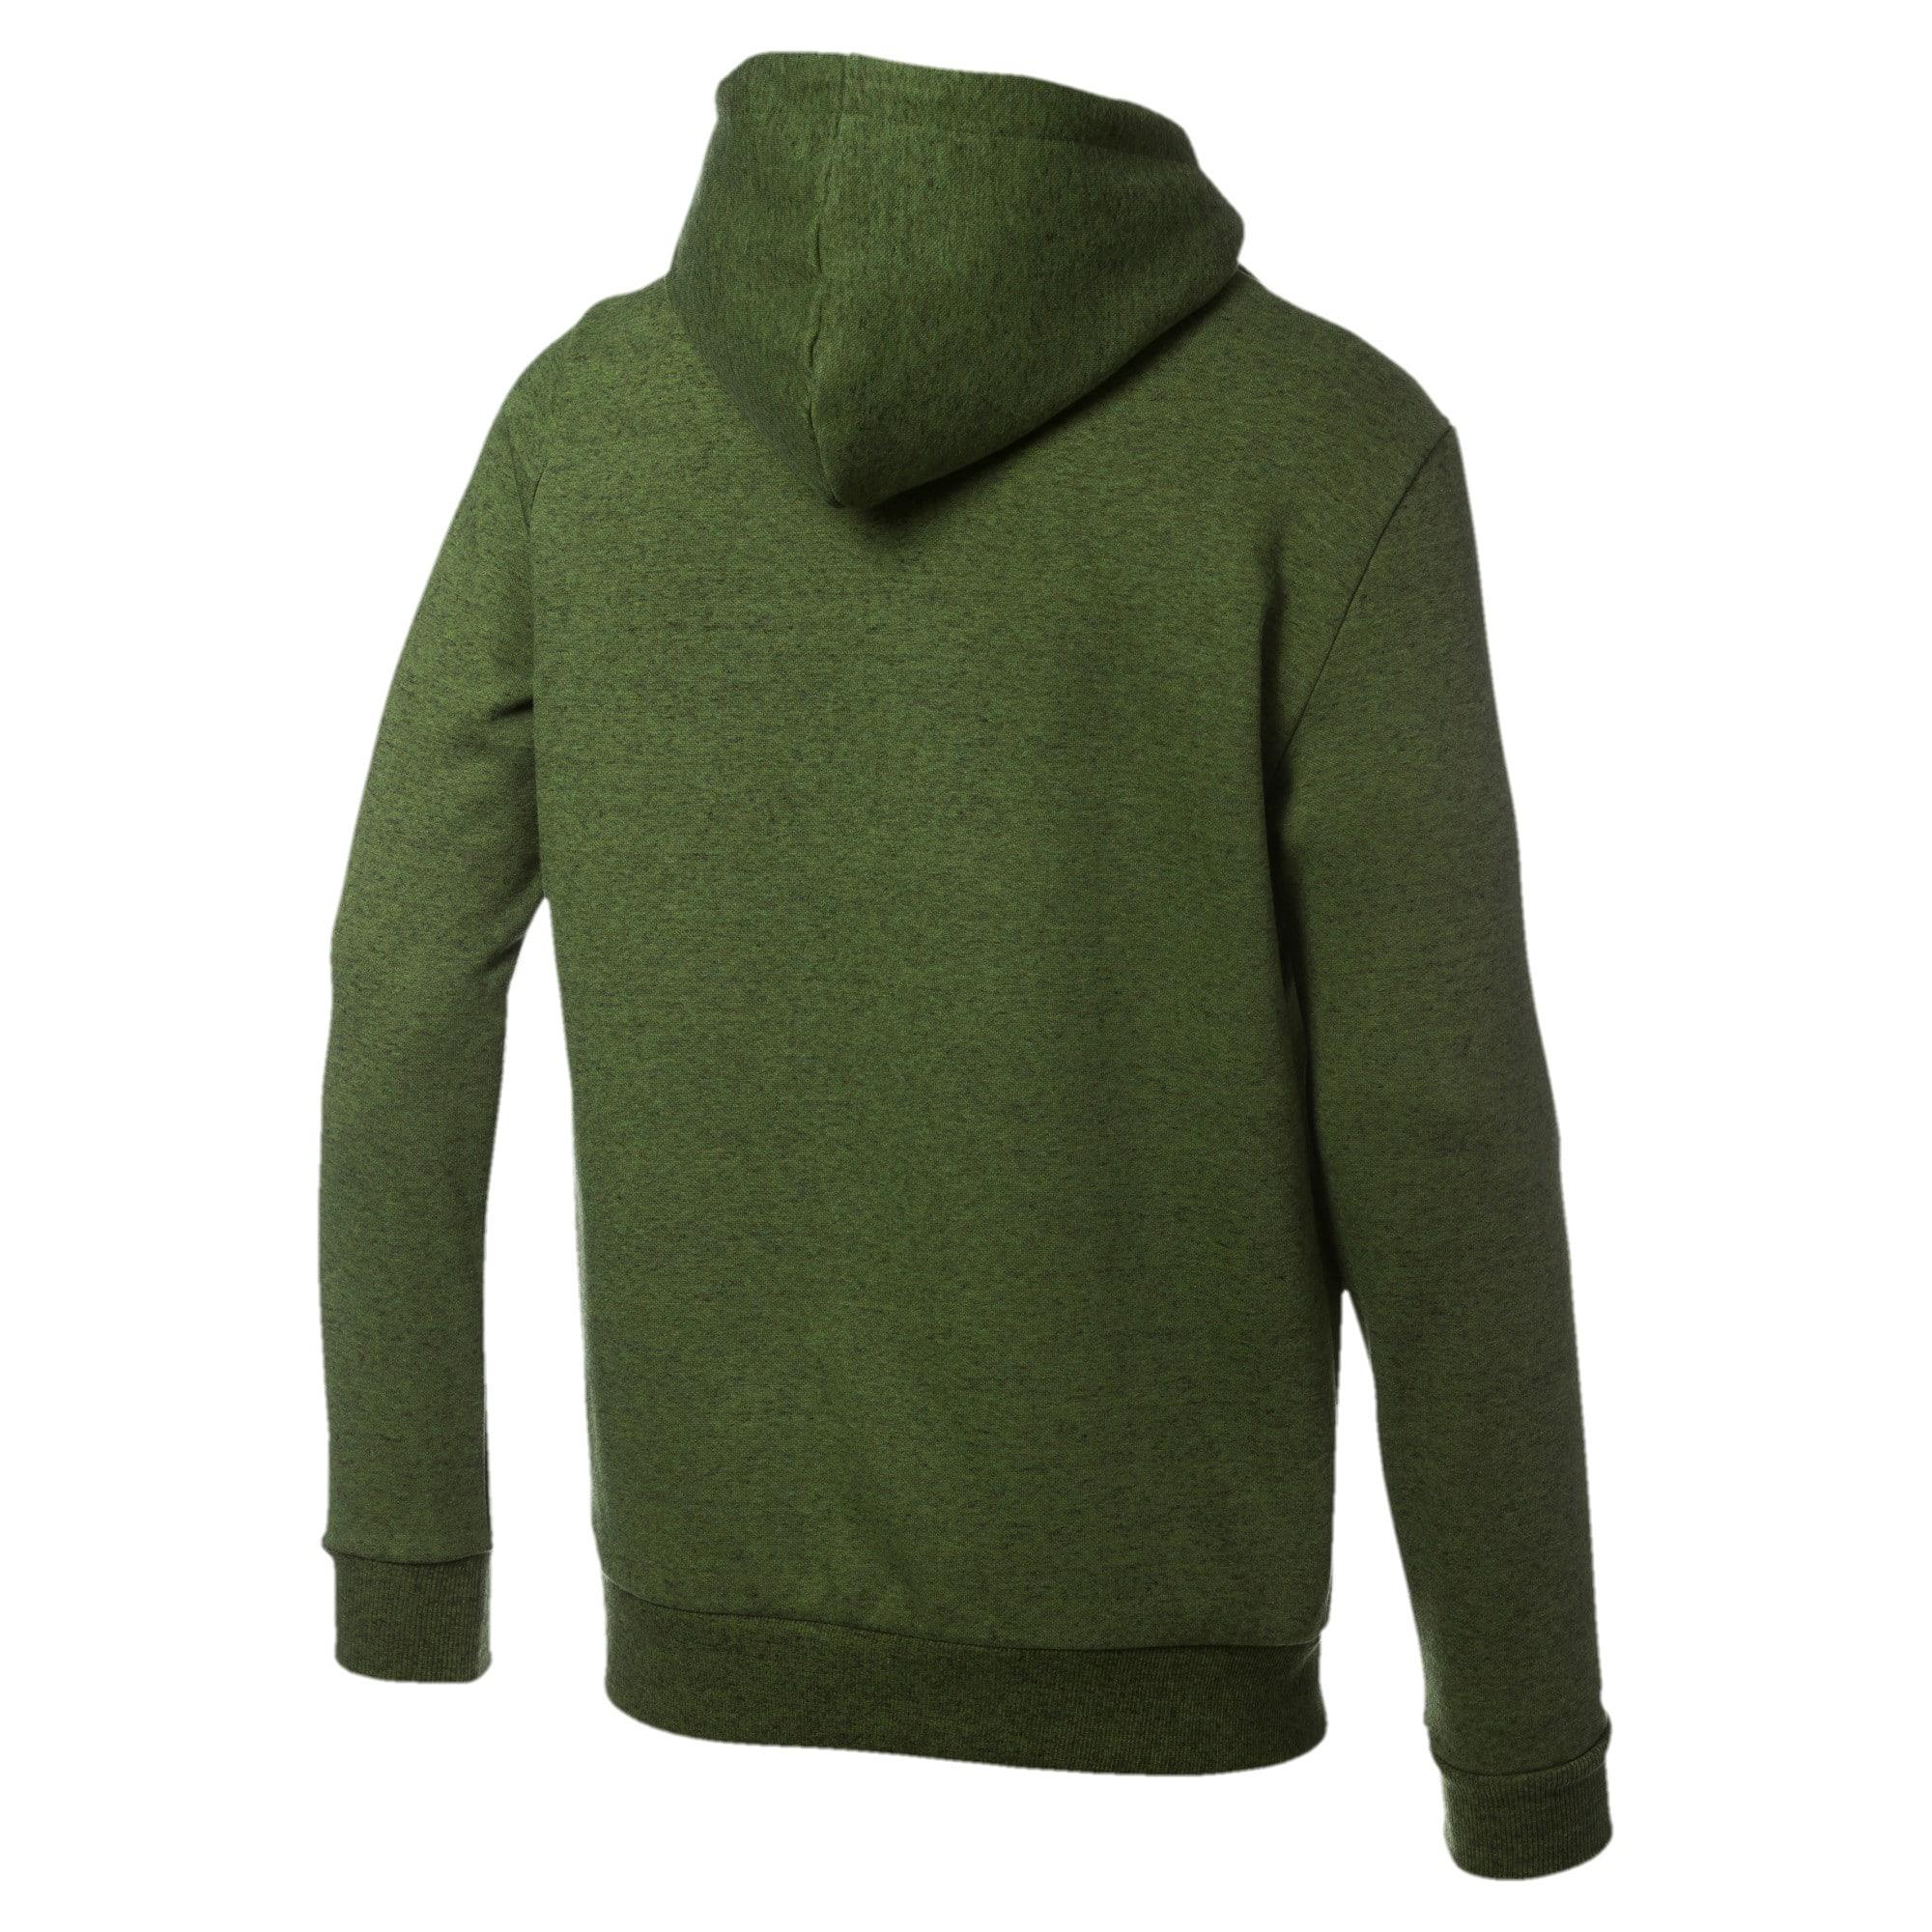 Thumbnail 5 of Essentials+ Men's Fleece Hoodie, Garden Green Heather, medium